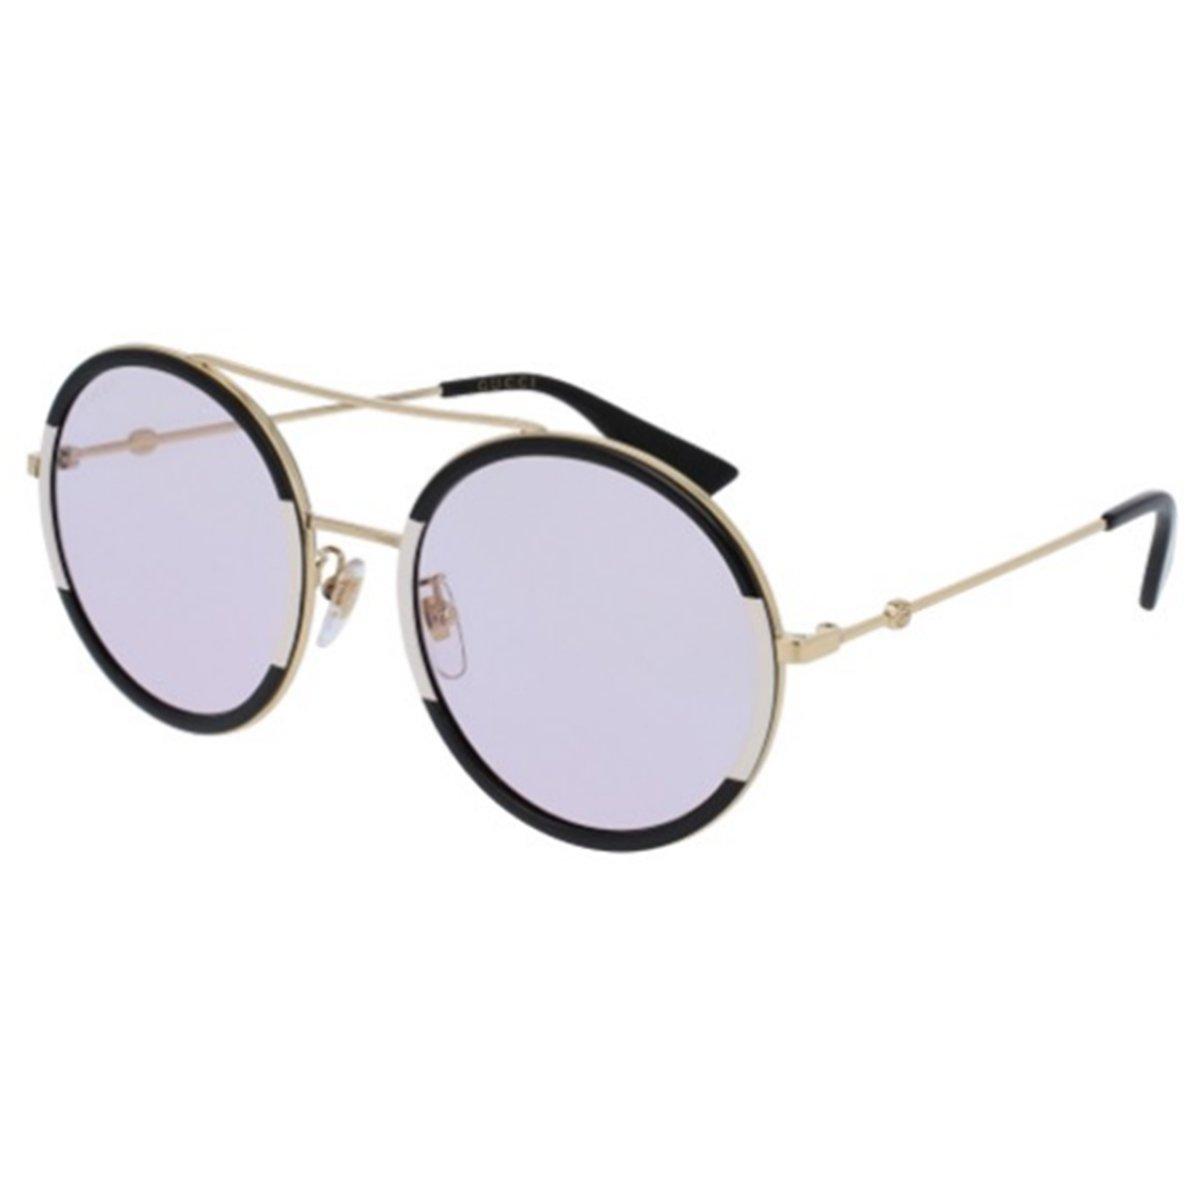 946eb36af Compre Óculos de Sol Gucci em 10X   Tri-Jóia Shop